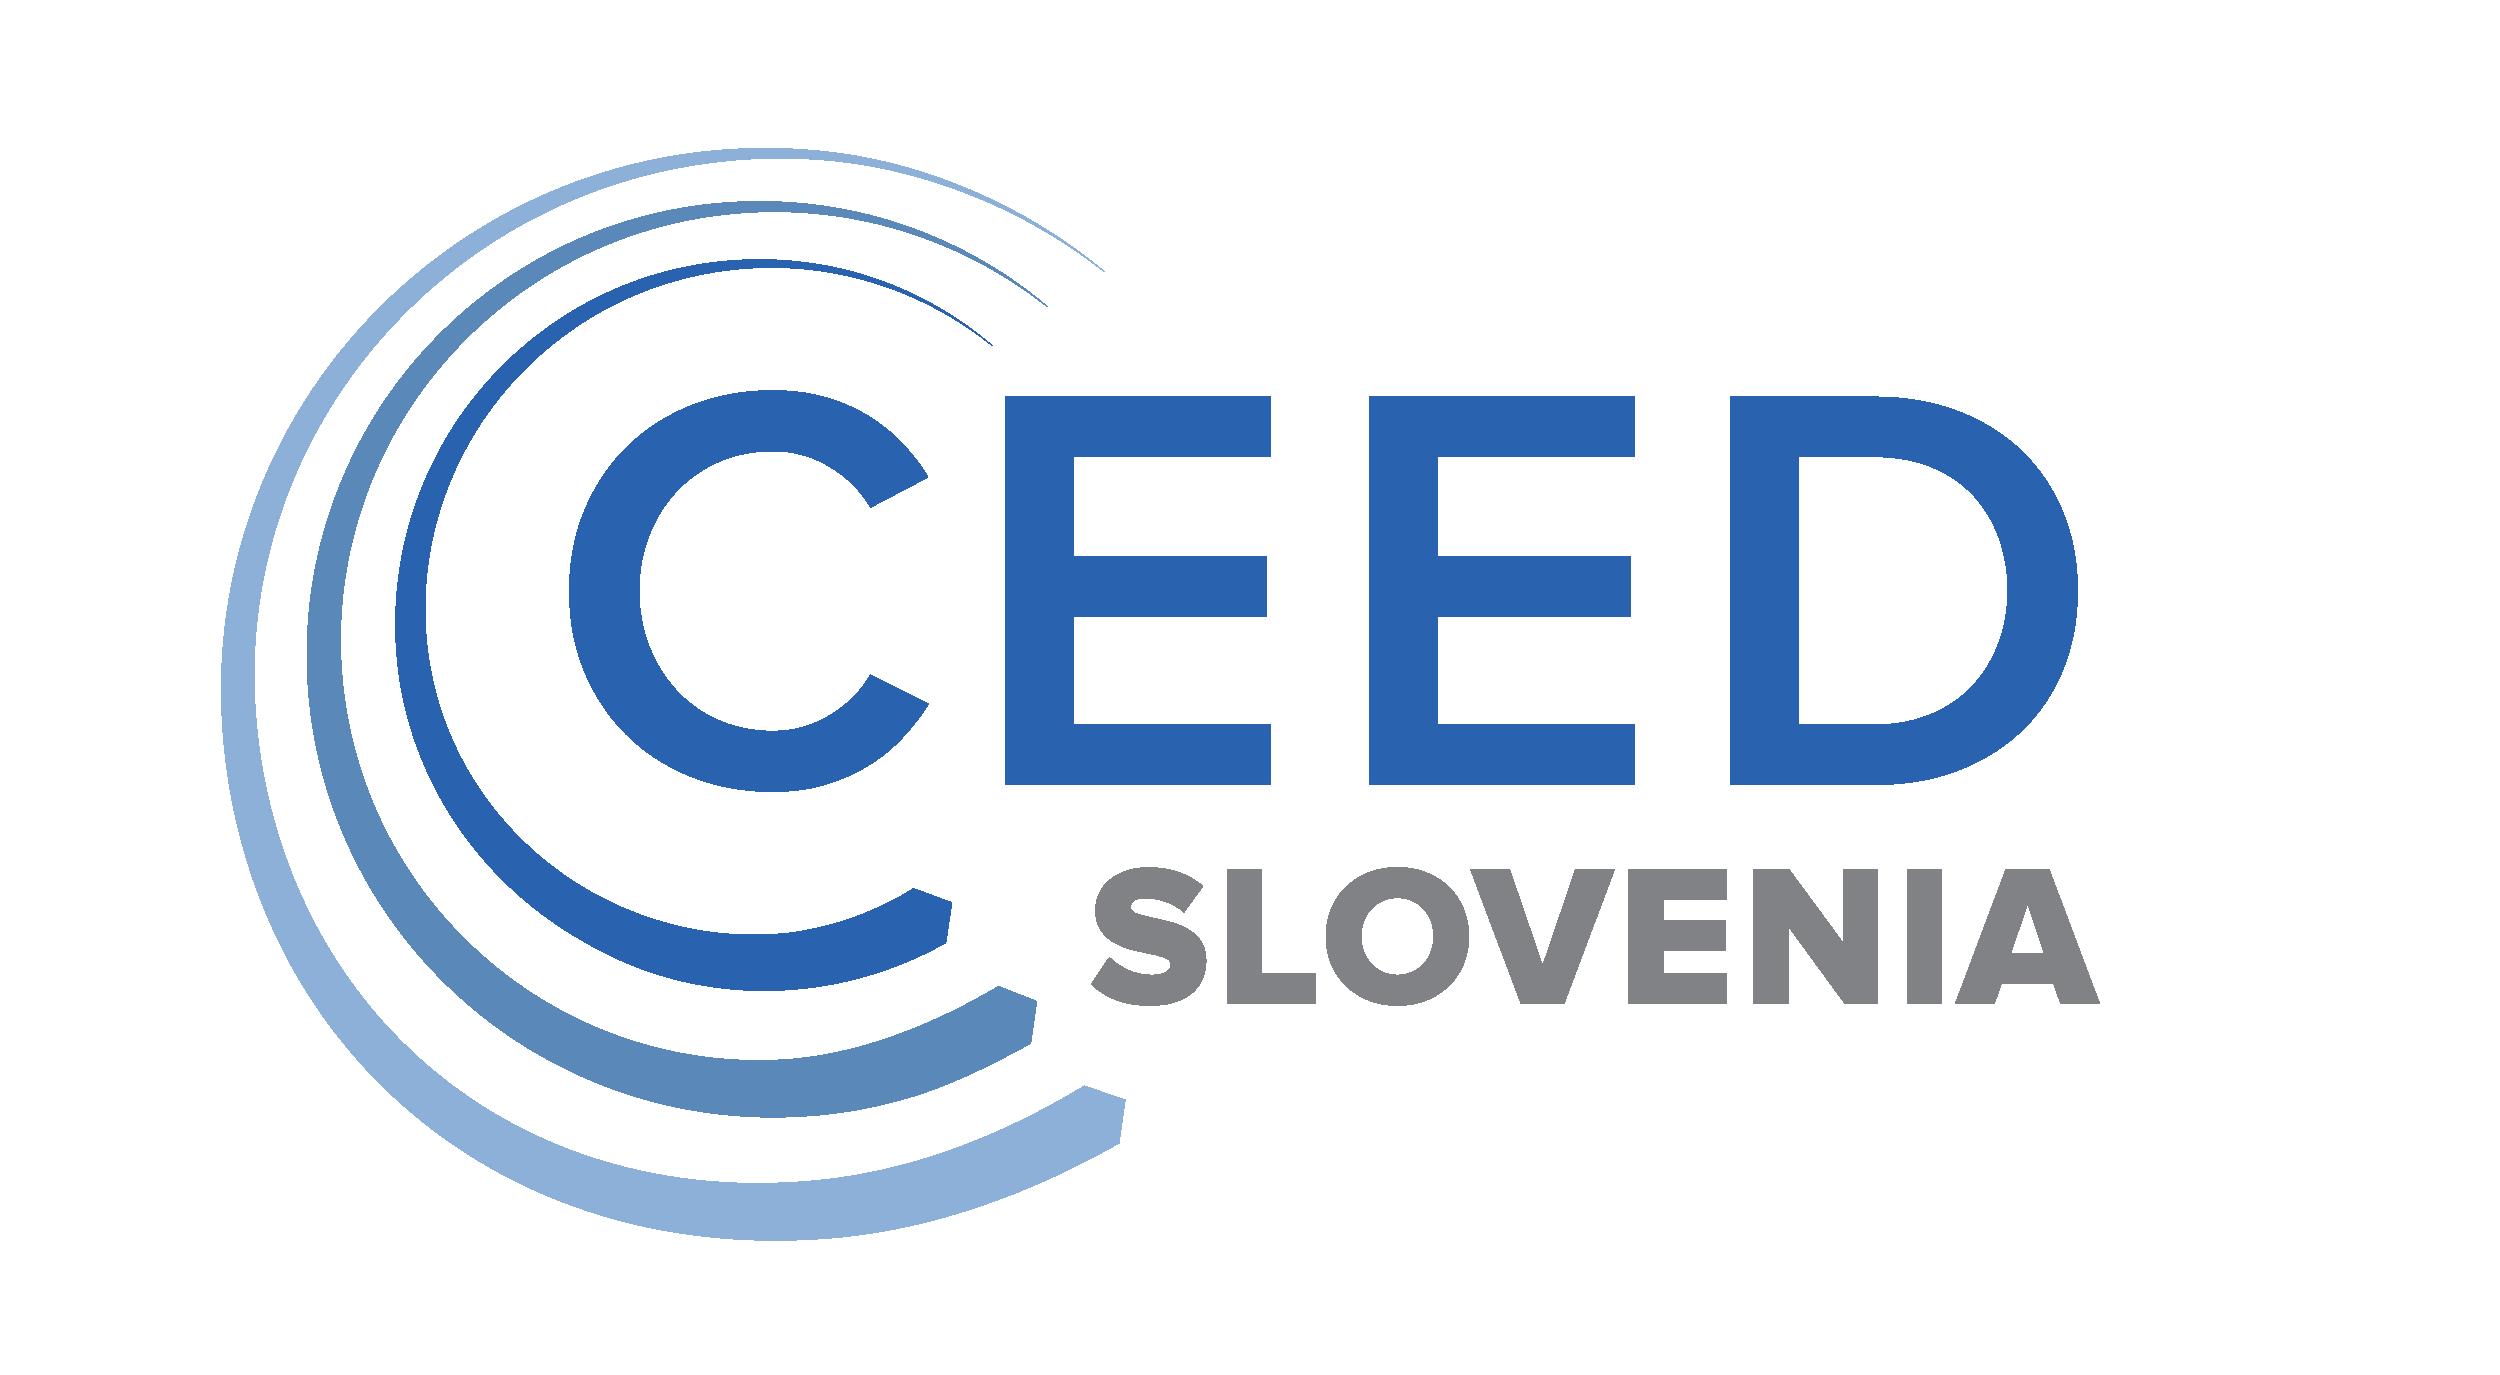 CEED Slovenija